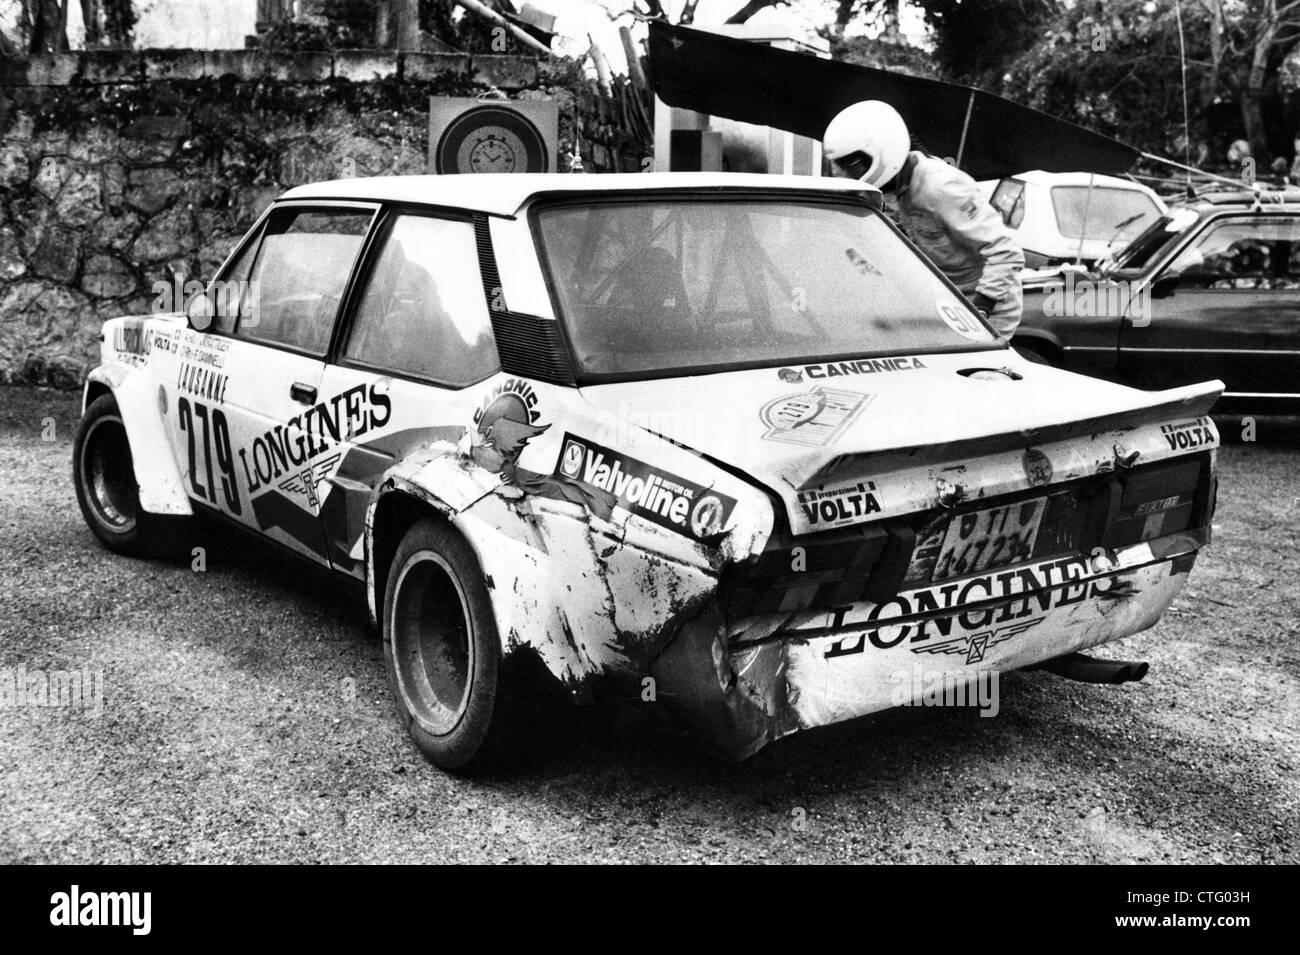 Rallye Monte Carlo 1982 FIAT Abarth 131 à contrôle en temps réel Photo Stock